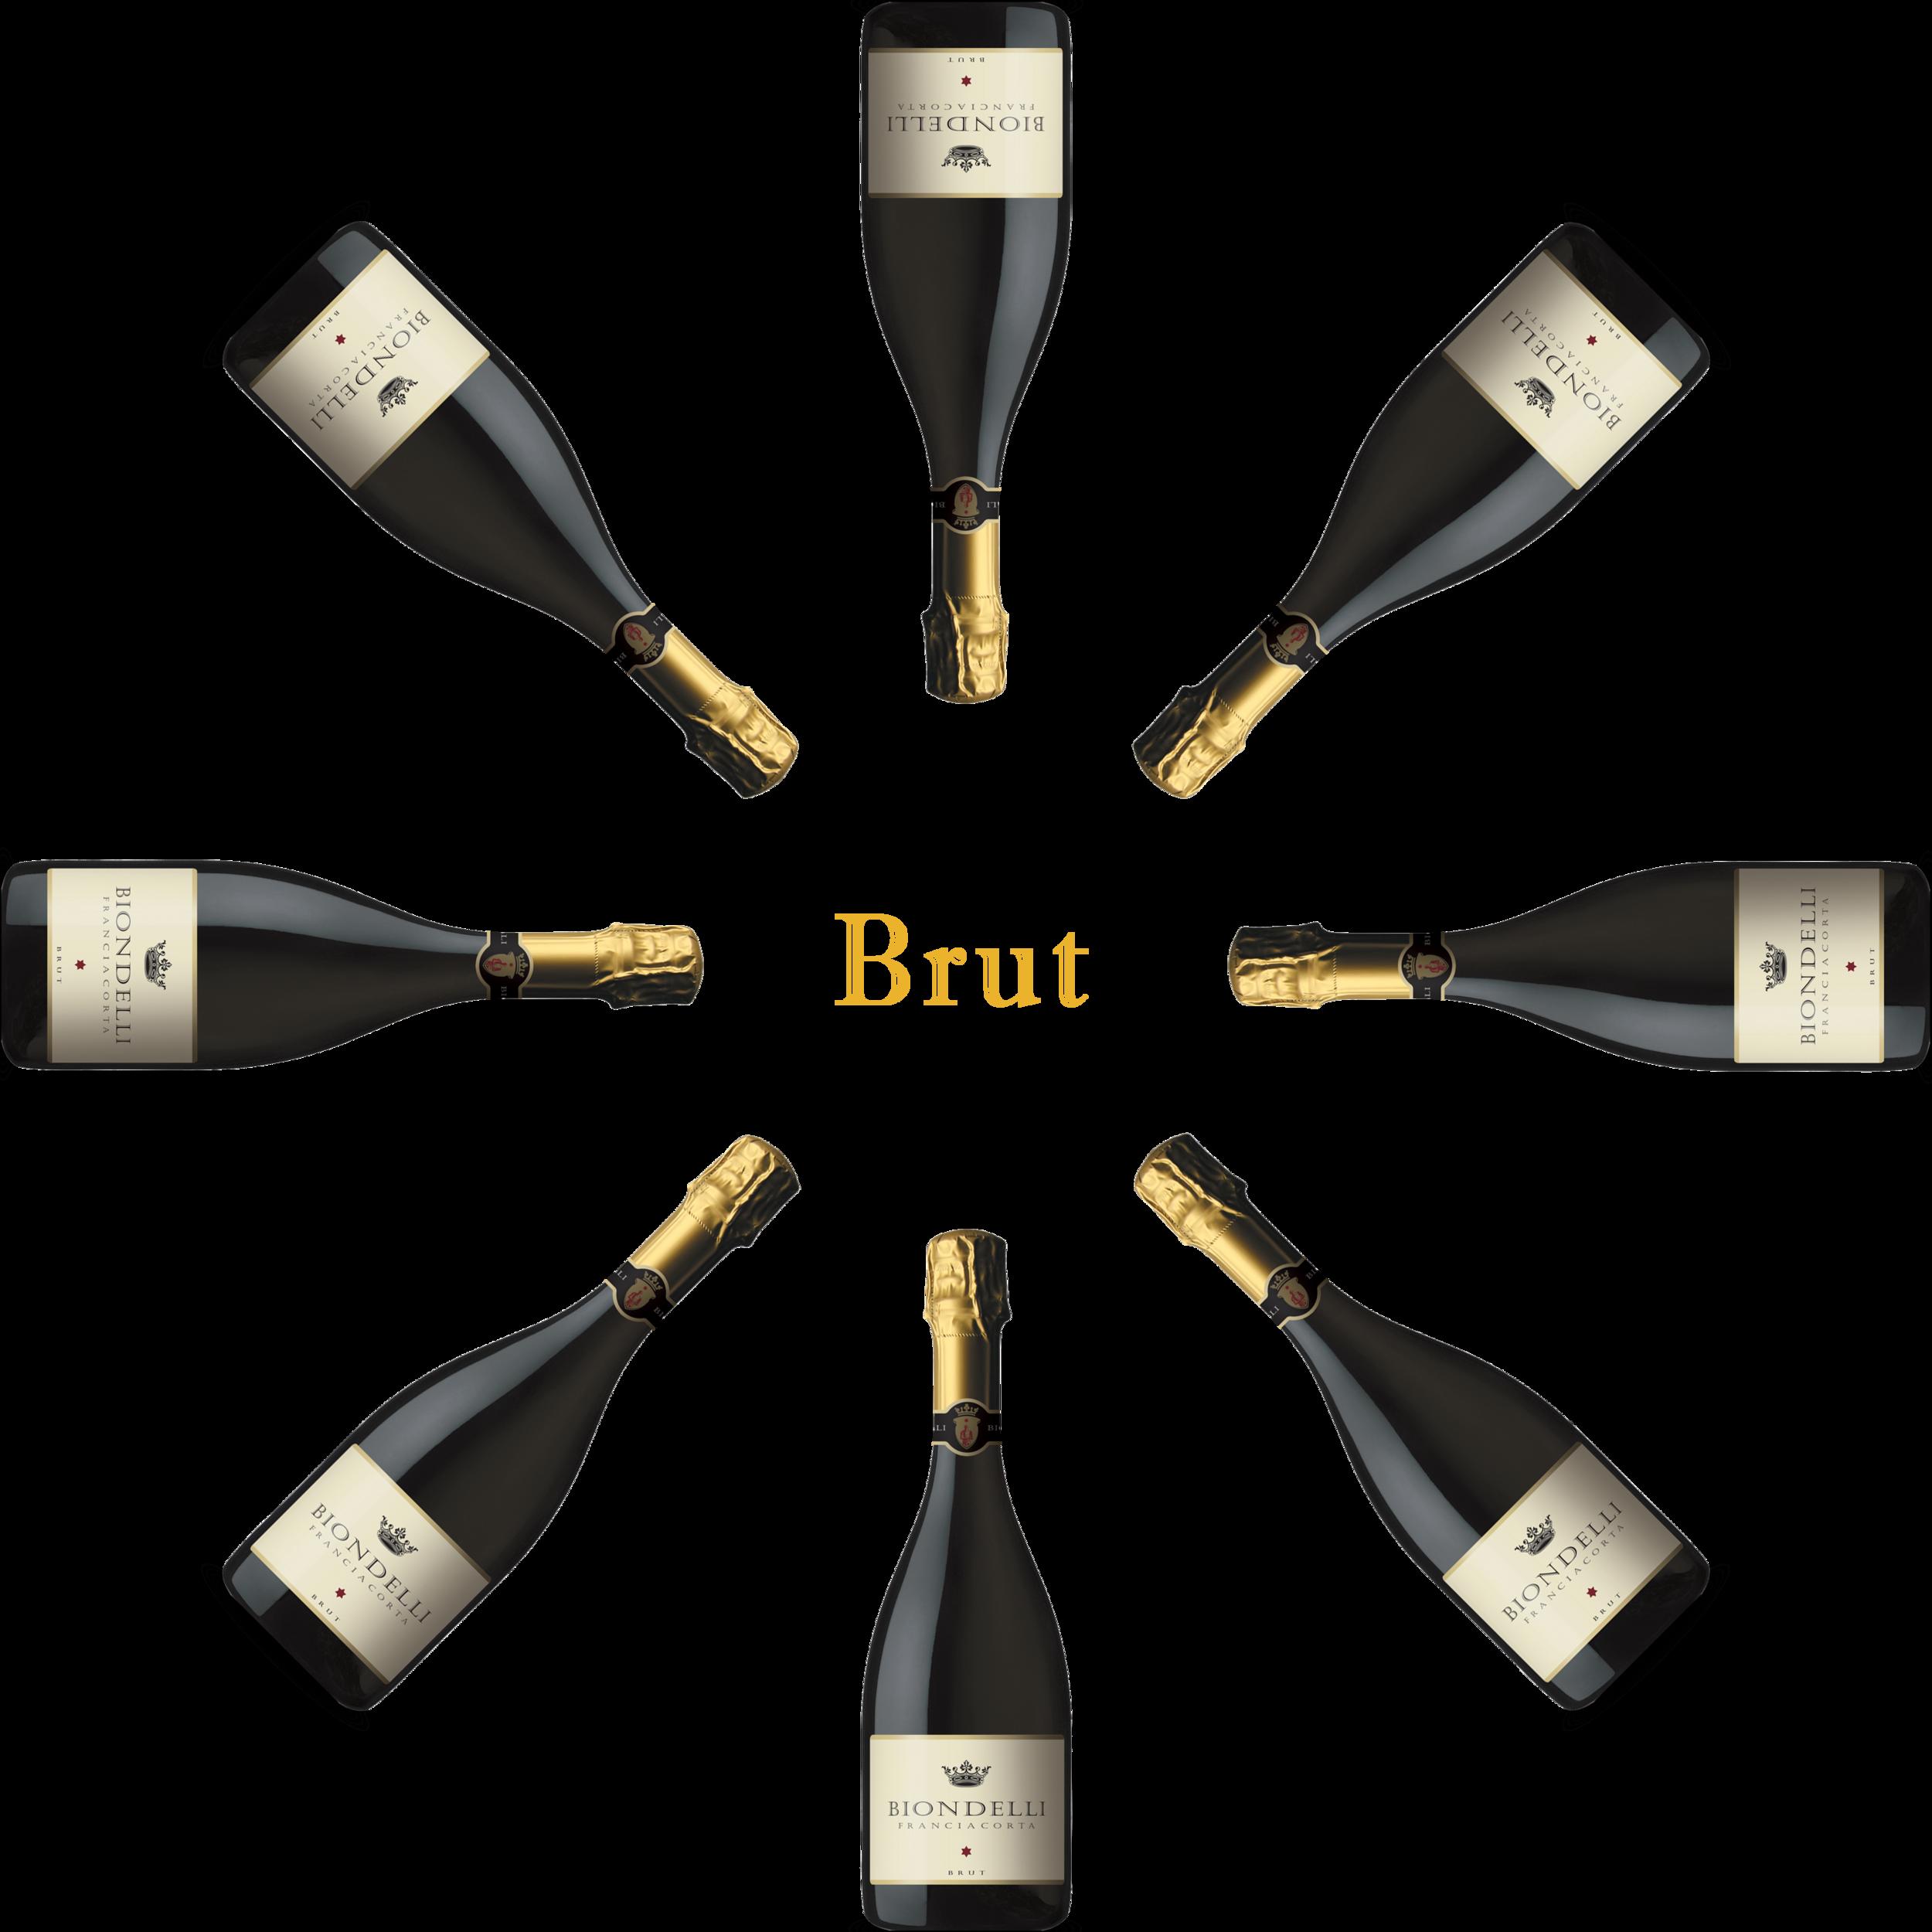 stella bottilglie brut.png